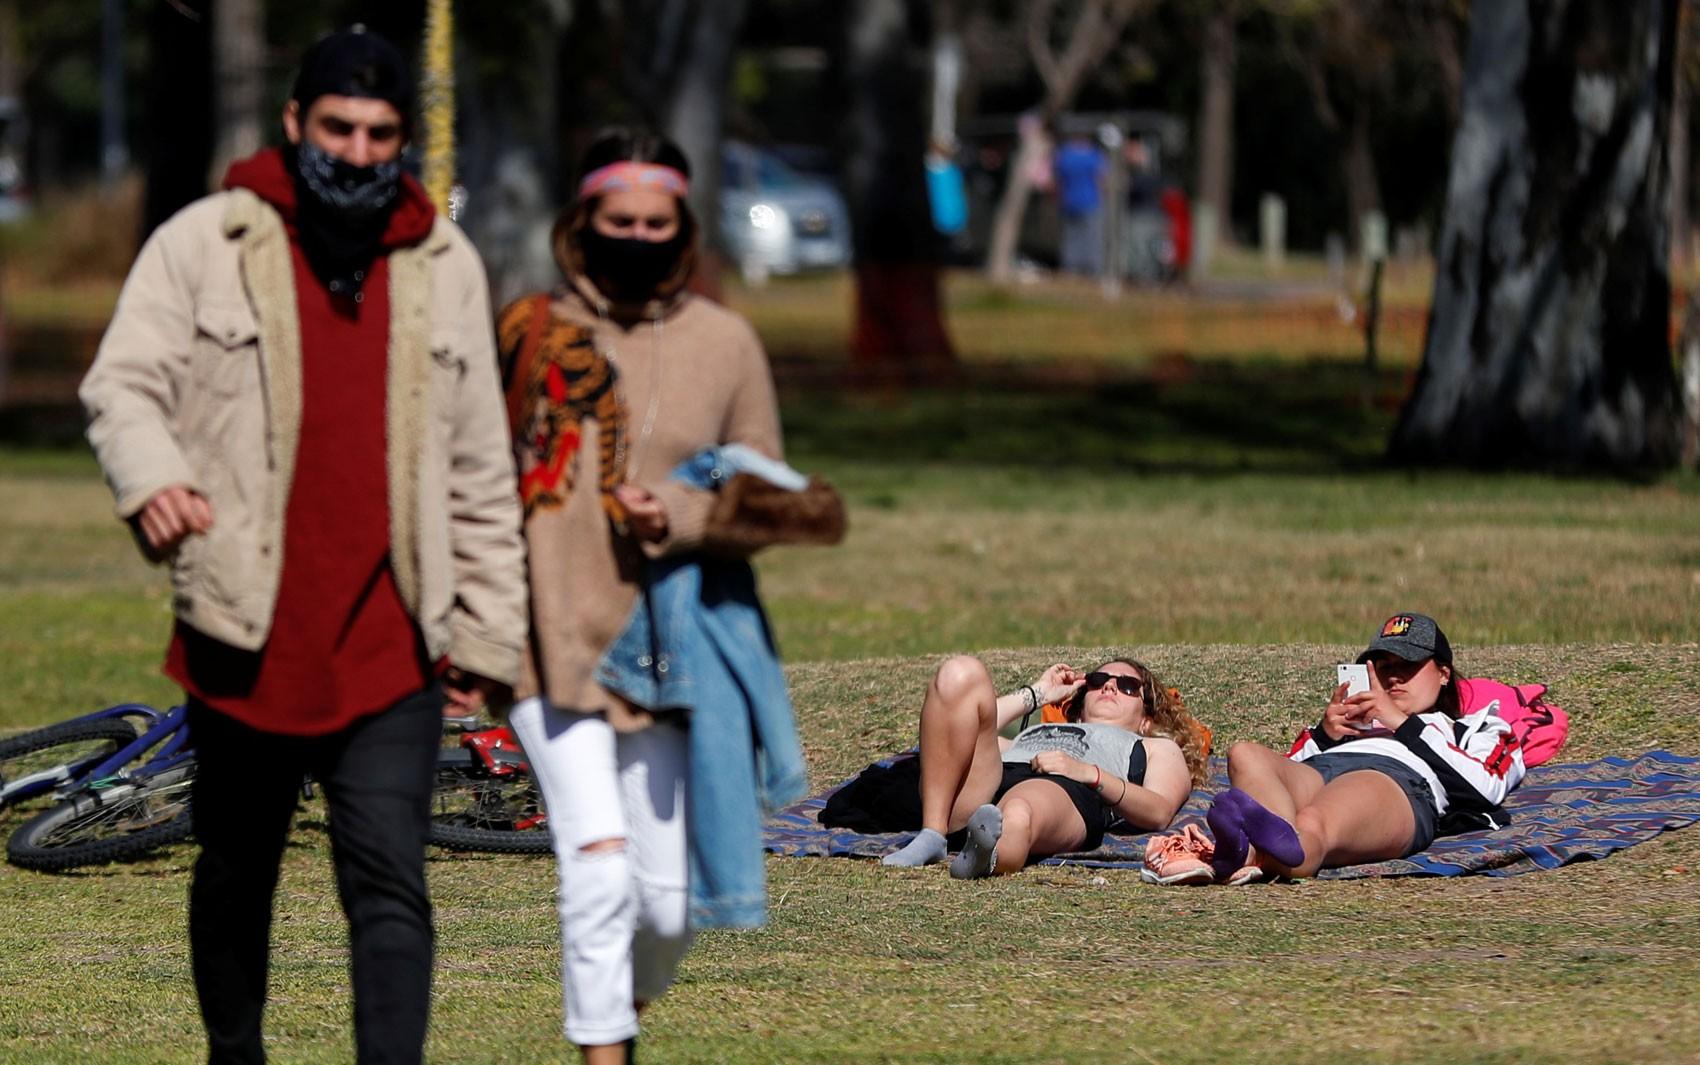 Argentina registra recorde diário de mortos por Covid-19 em seis meses de confinamento